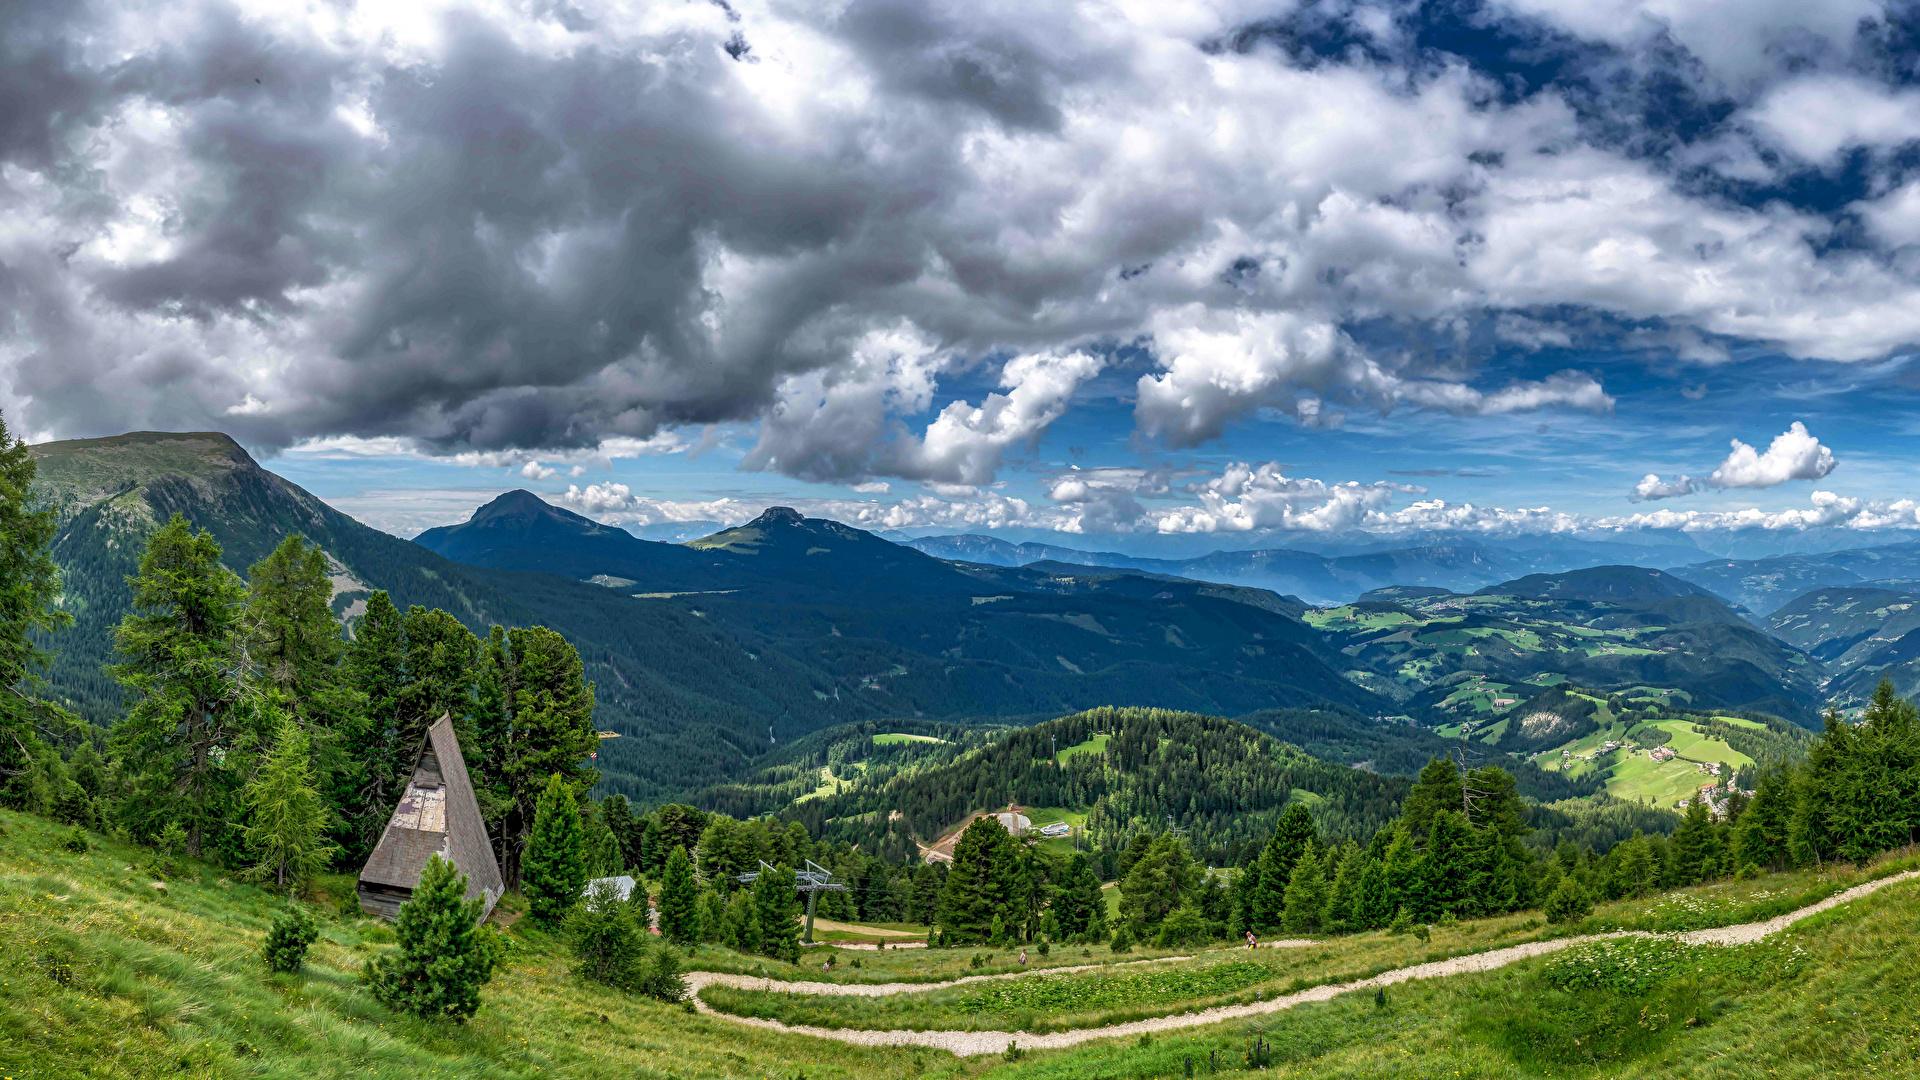 Photo Italy Bolzano Nature Mountains Sky Scenery Trees 1920x1080 1920x1080